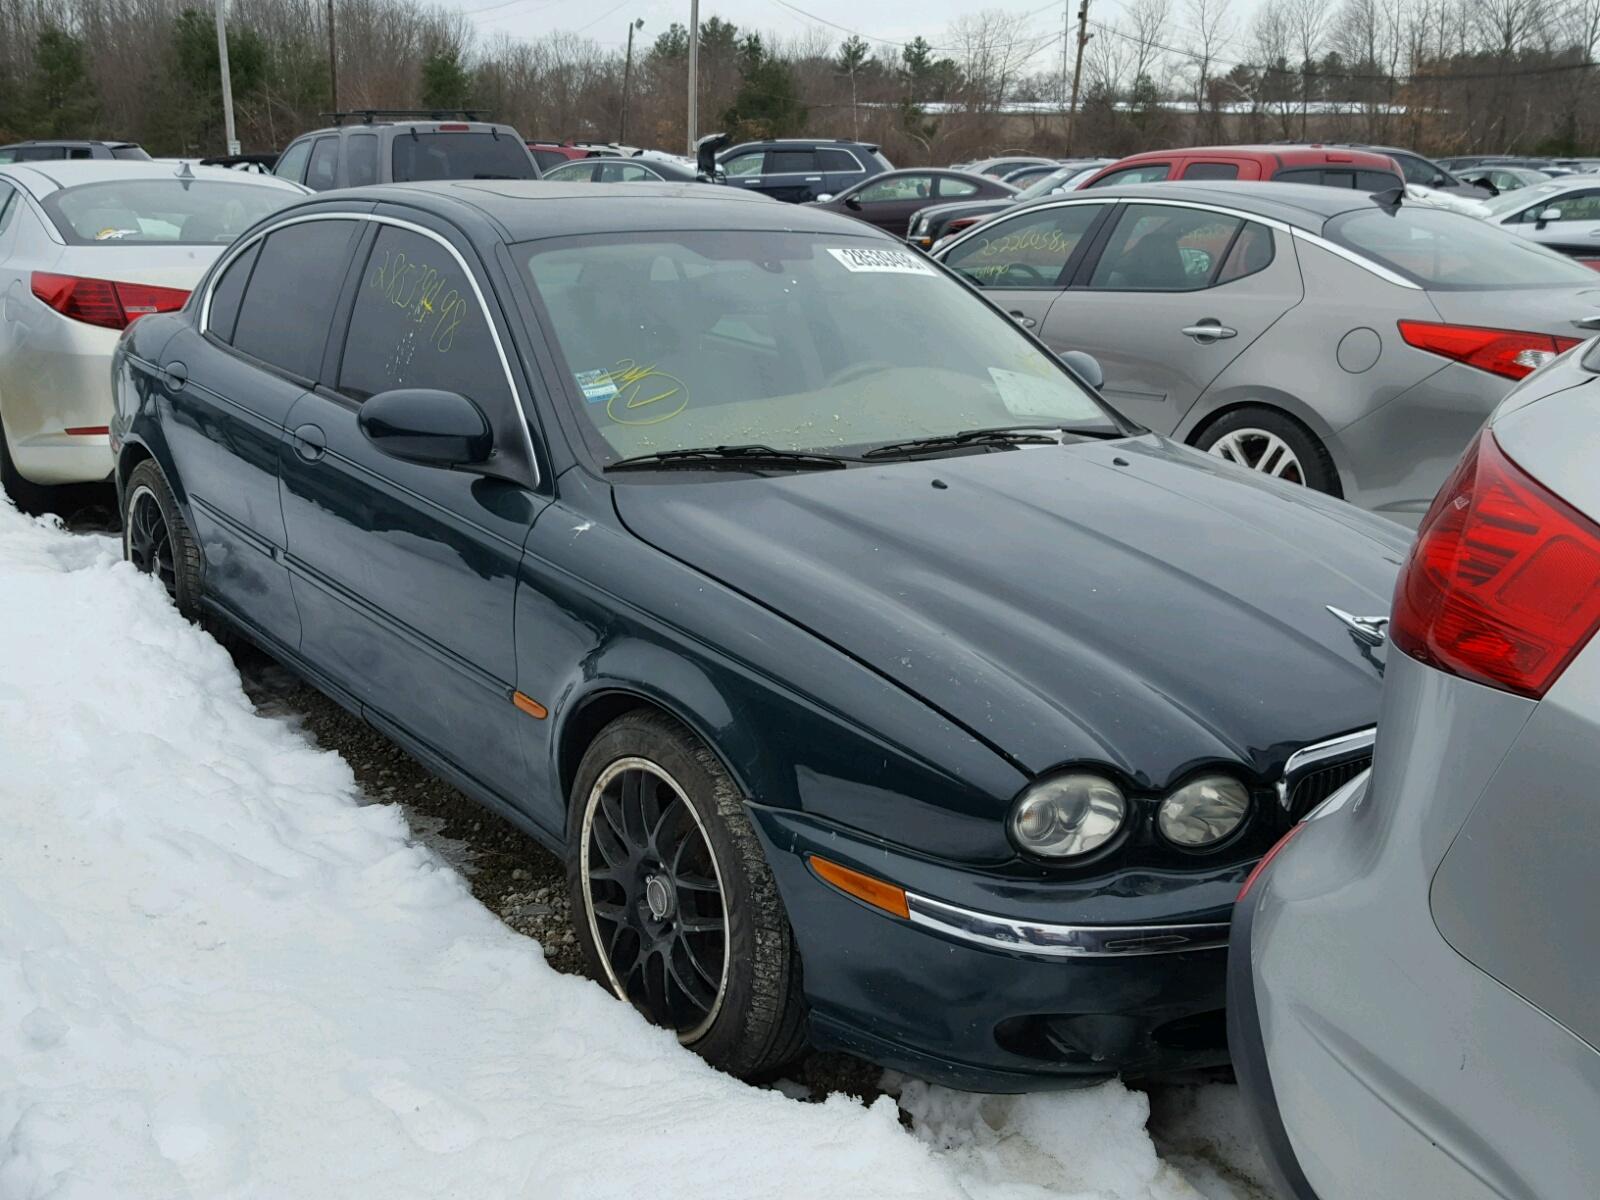 2003 Jaguar X Type 25 Normal Wear Damage Sajea51d73xc89007 Sold 1